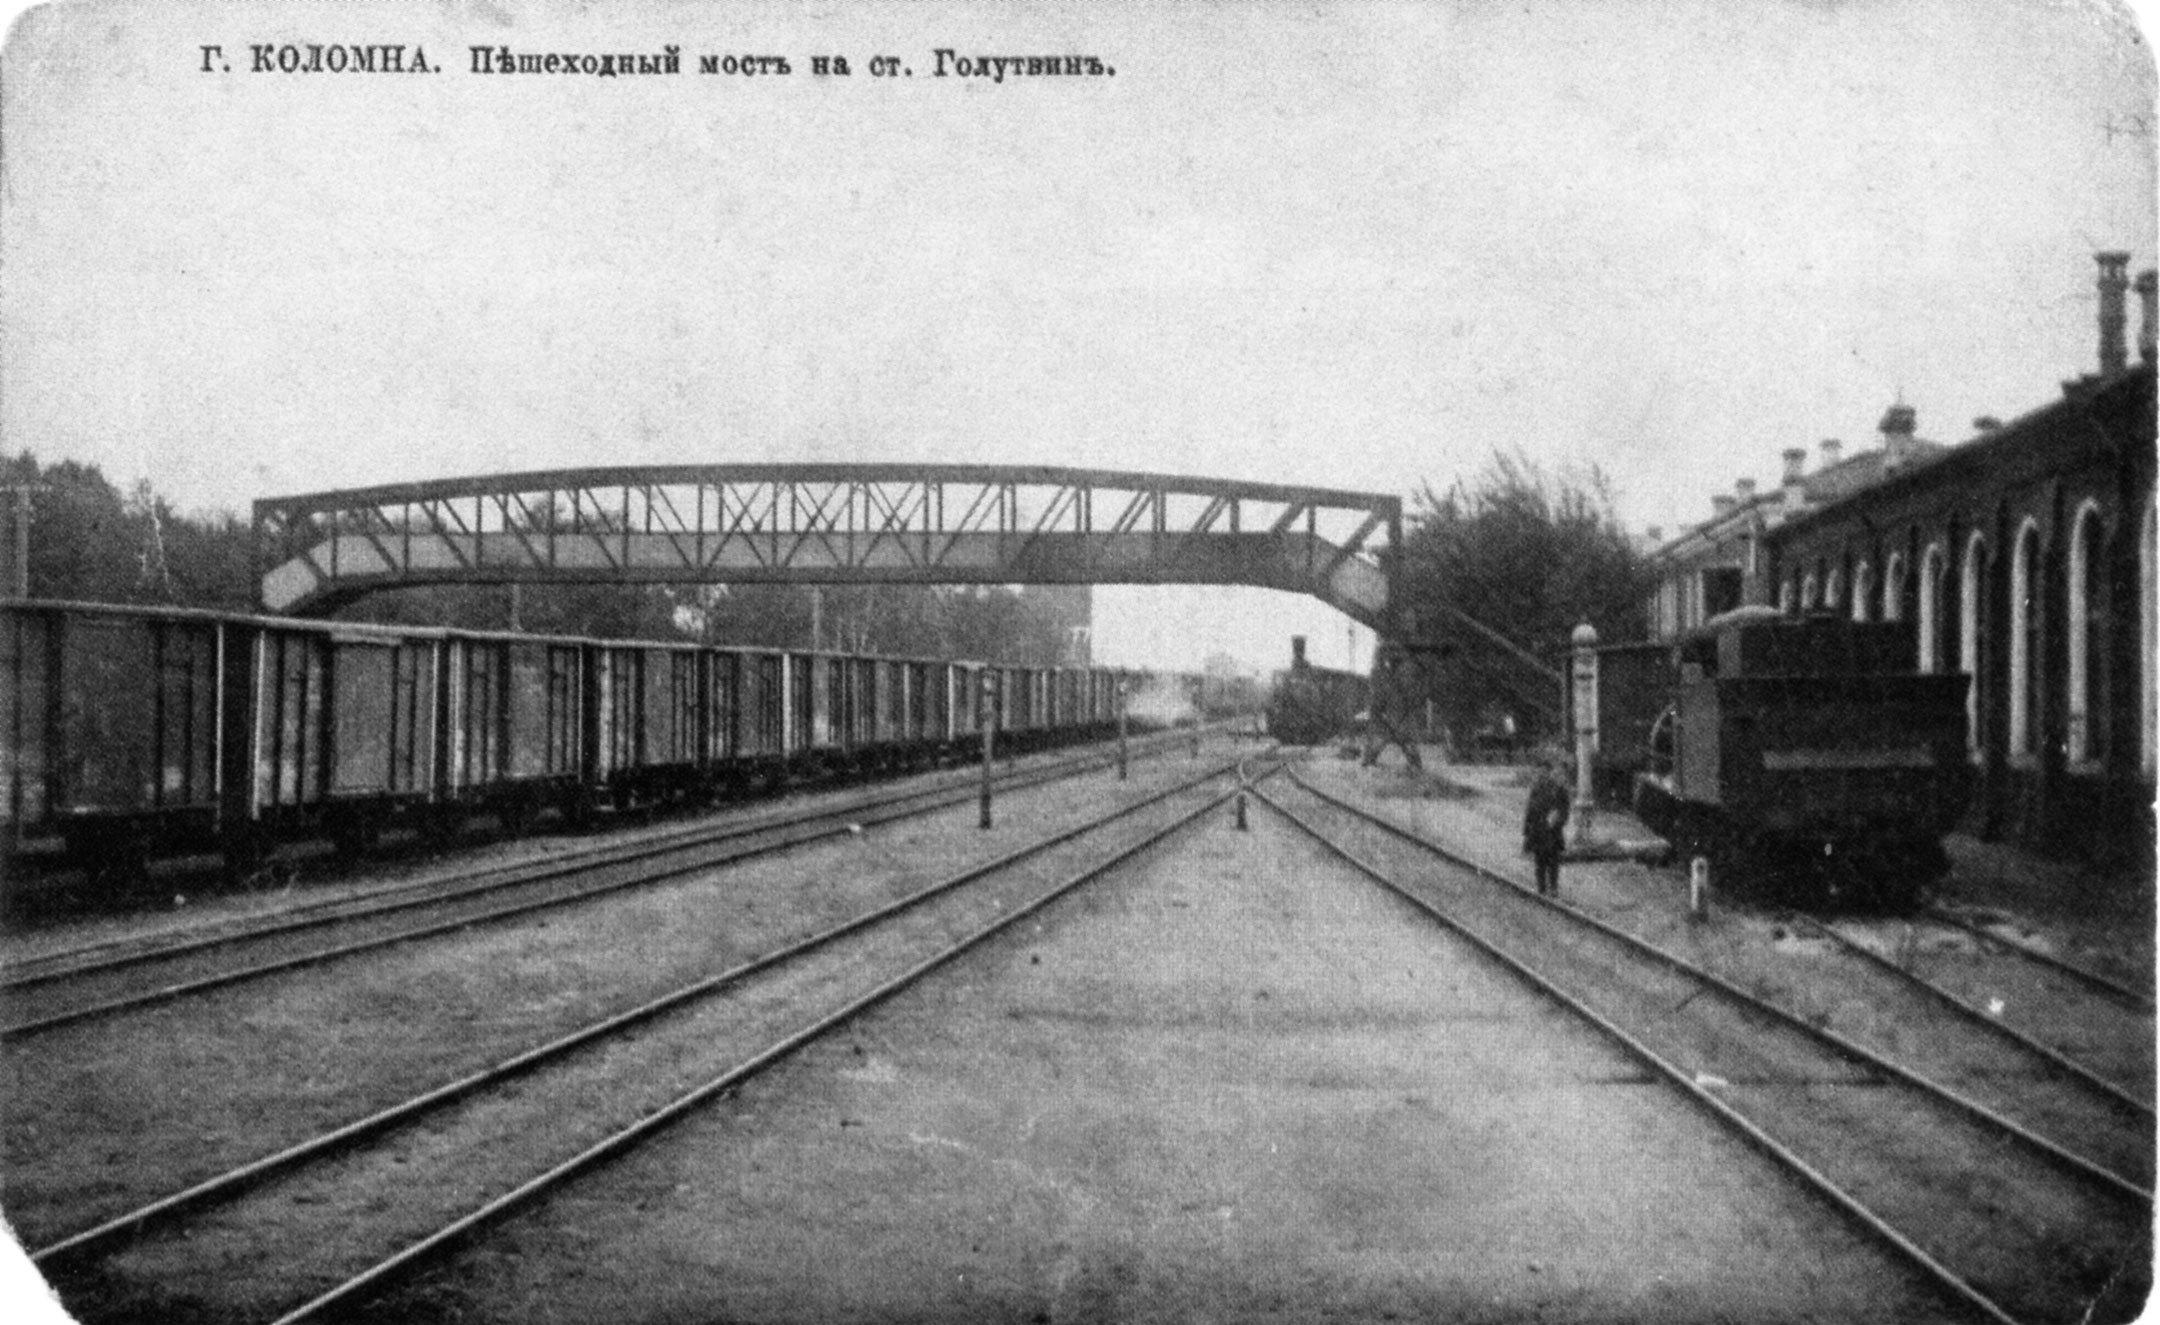 Пешеходный (Бобровский) мост на станции Голутвин